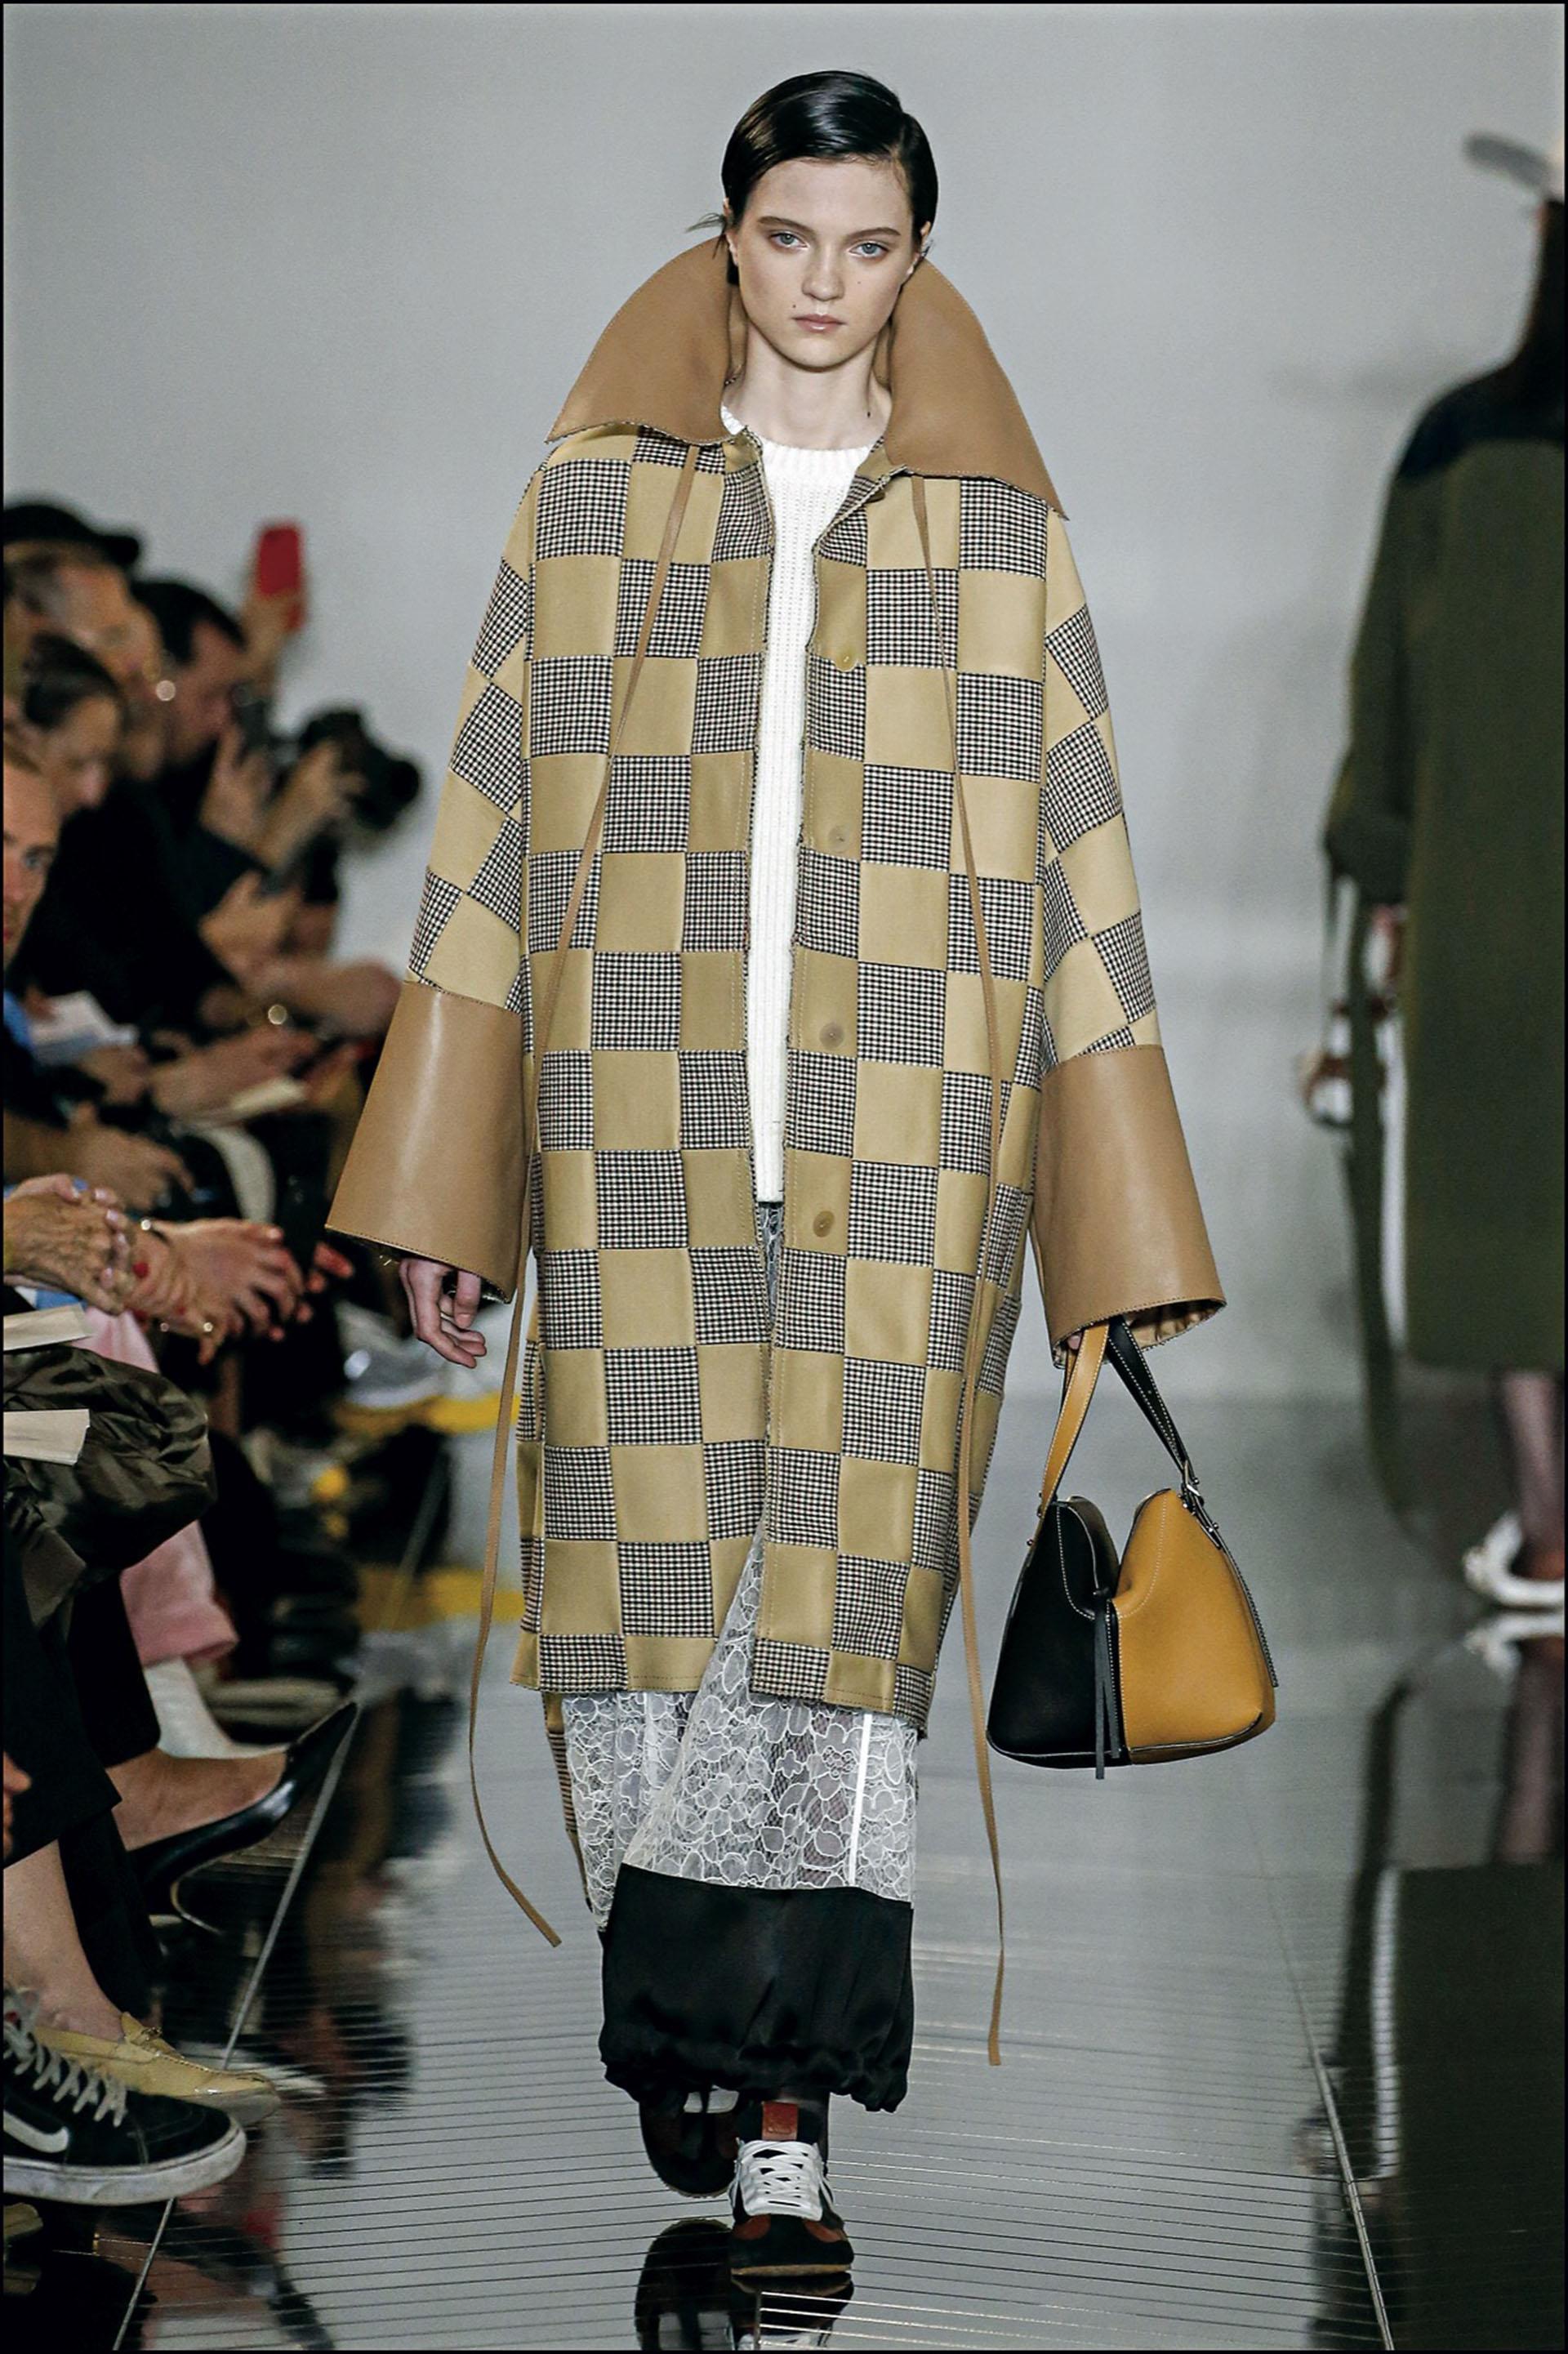 Mannequin - DÈfilÈ de mode Loewe collection prÍt-‡-porter Automne-Hiver 2019/2020 lors de la fashion week ‡ Paris, le 1er mars 2019. Loewe fashion show ready-to-wear Fall-Winter 2019/2020 during the fashion week in Paris, France, on March 1st 2019.